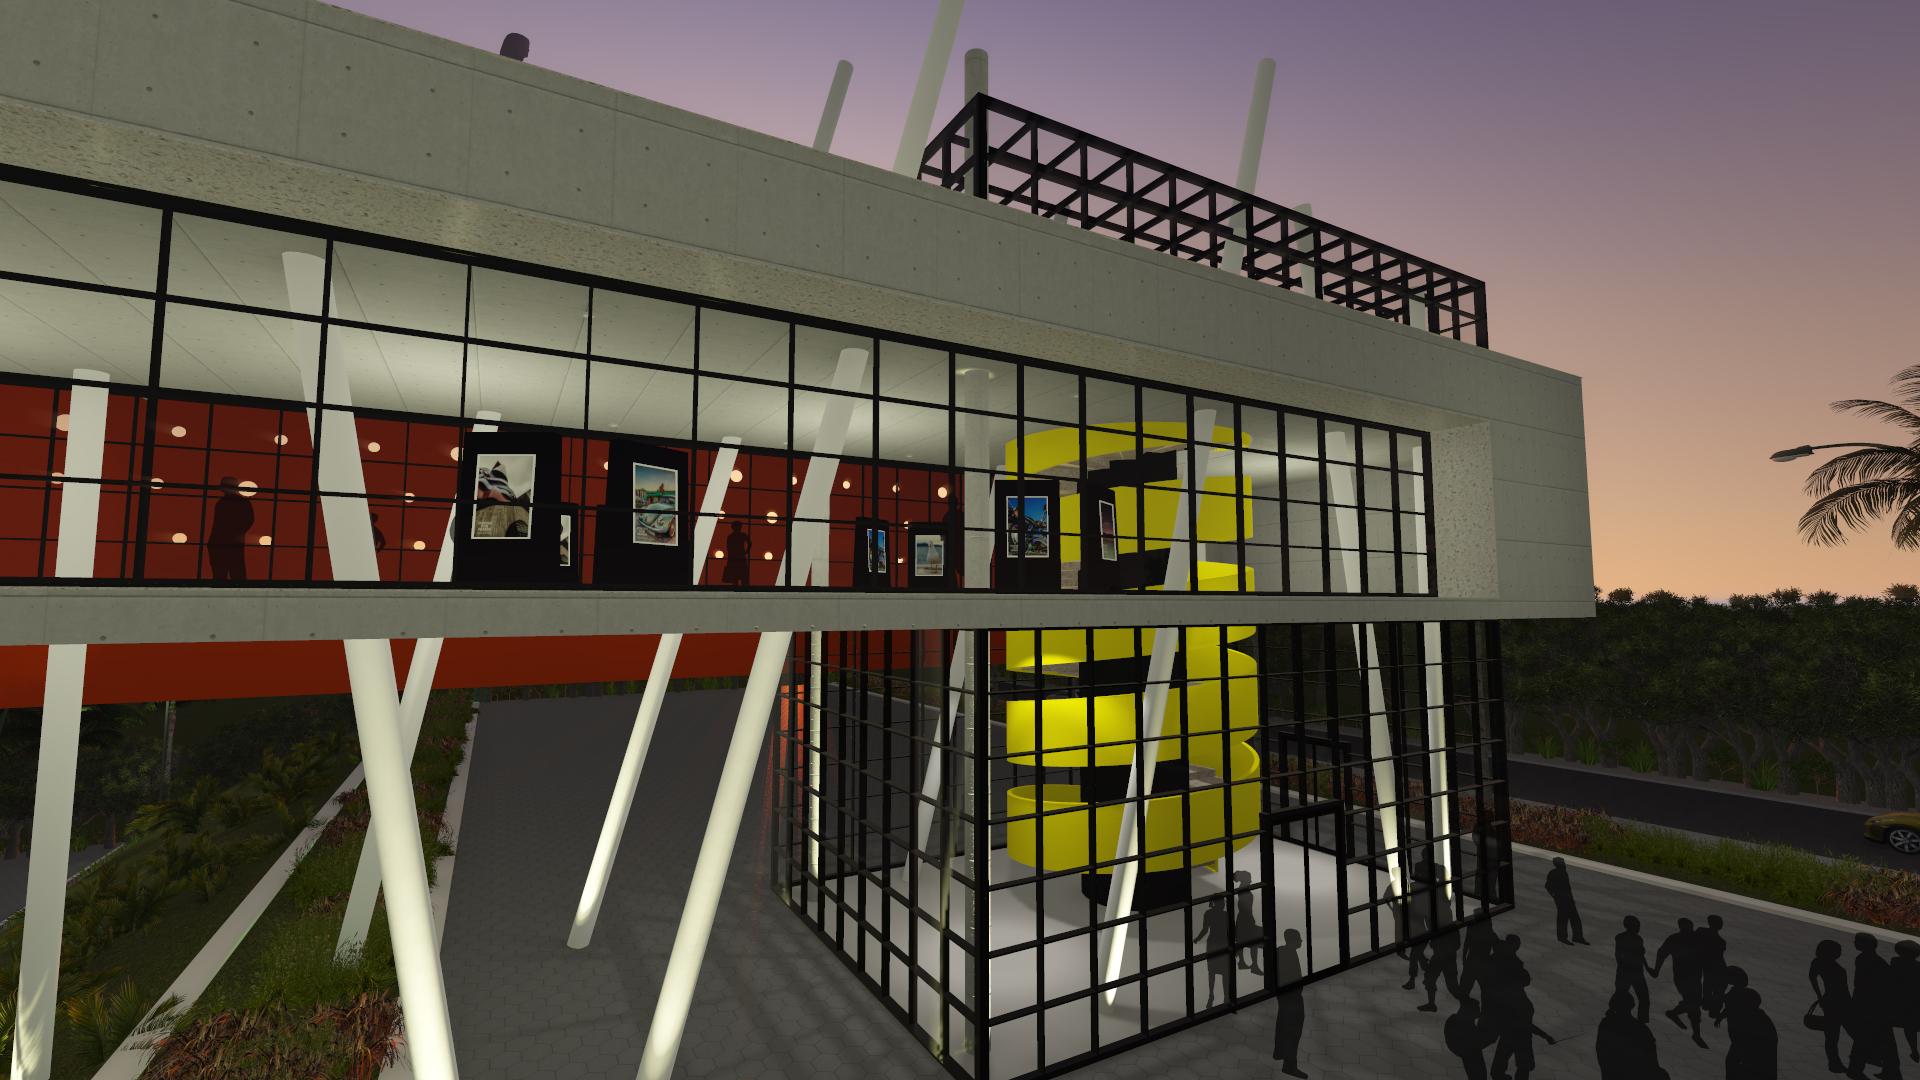 projeto-arquitetonico-museumacaiba-duo-arquitetura-010.jpg